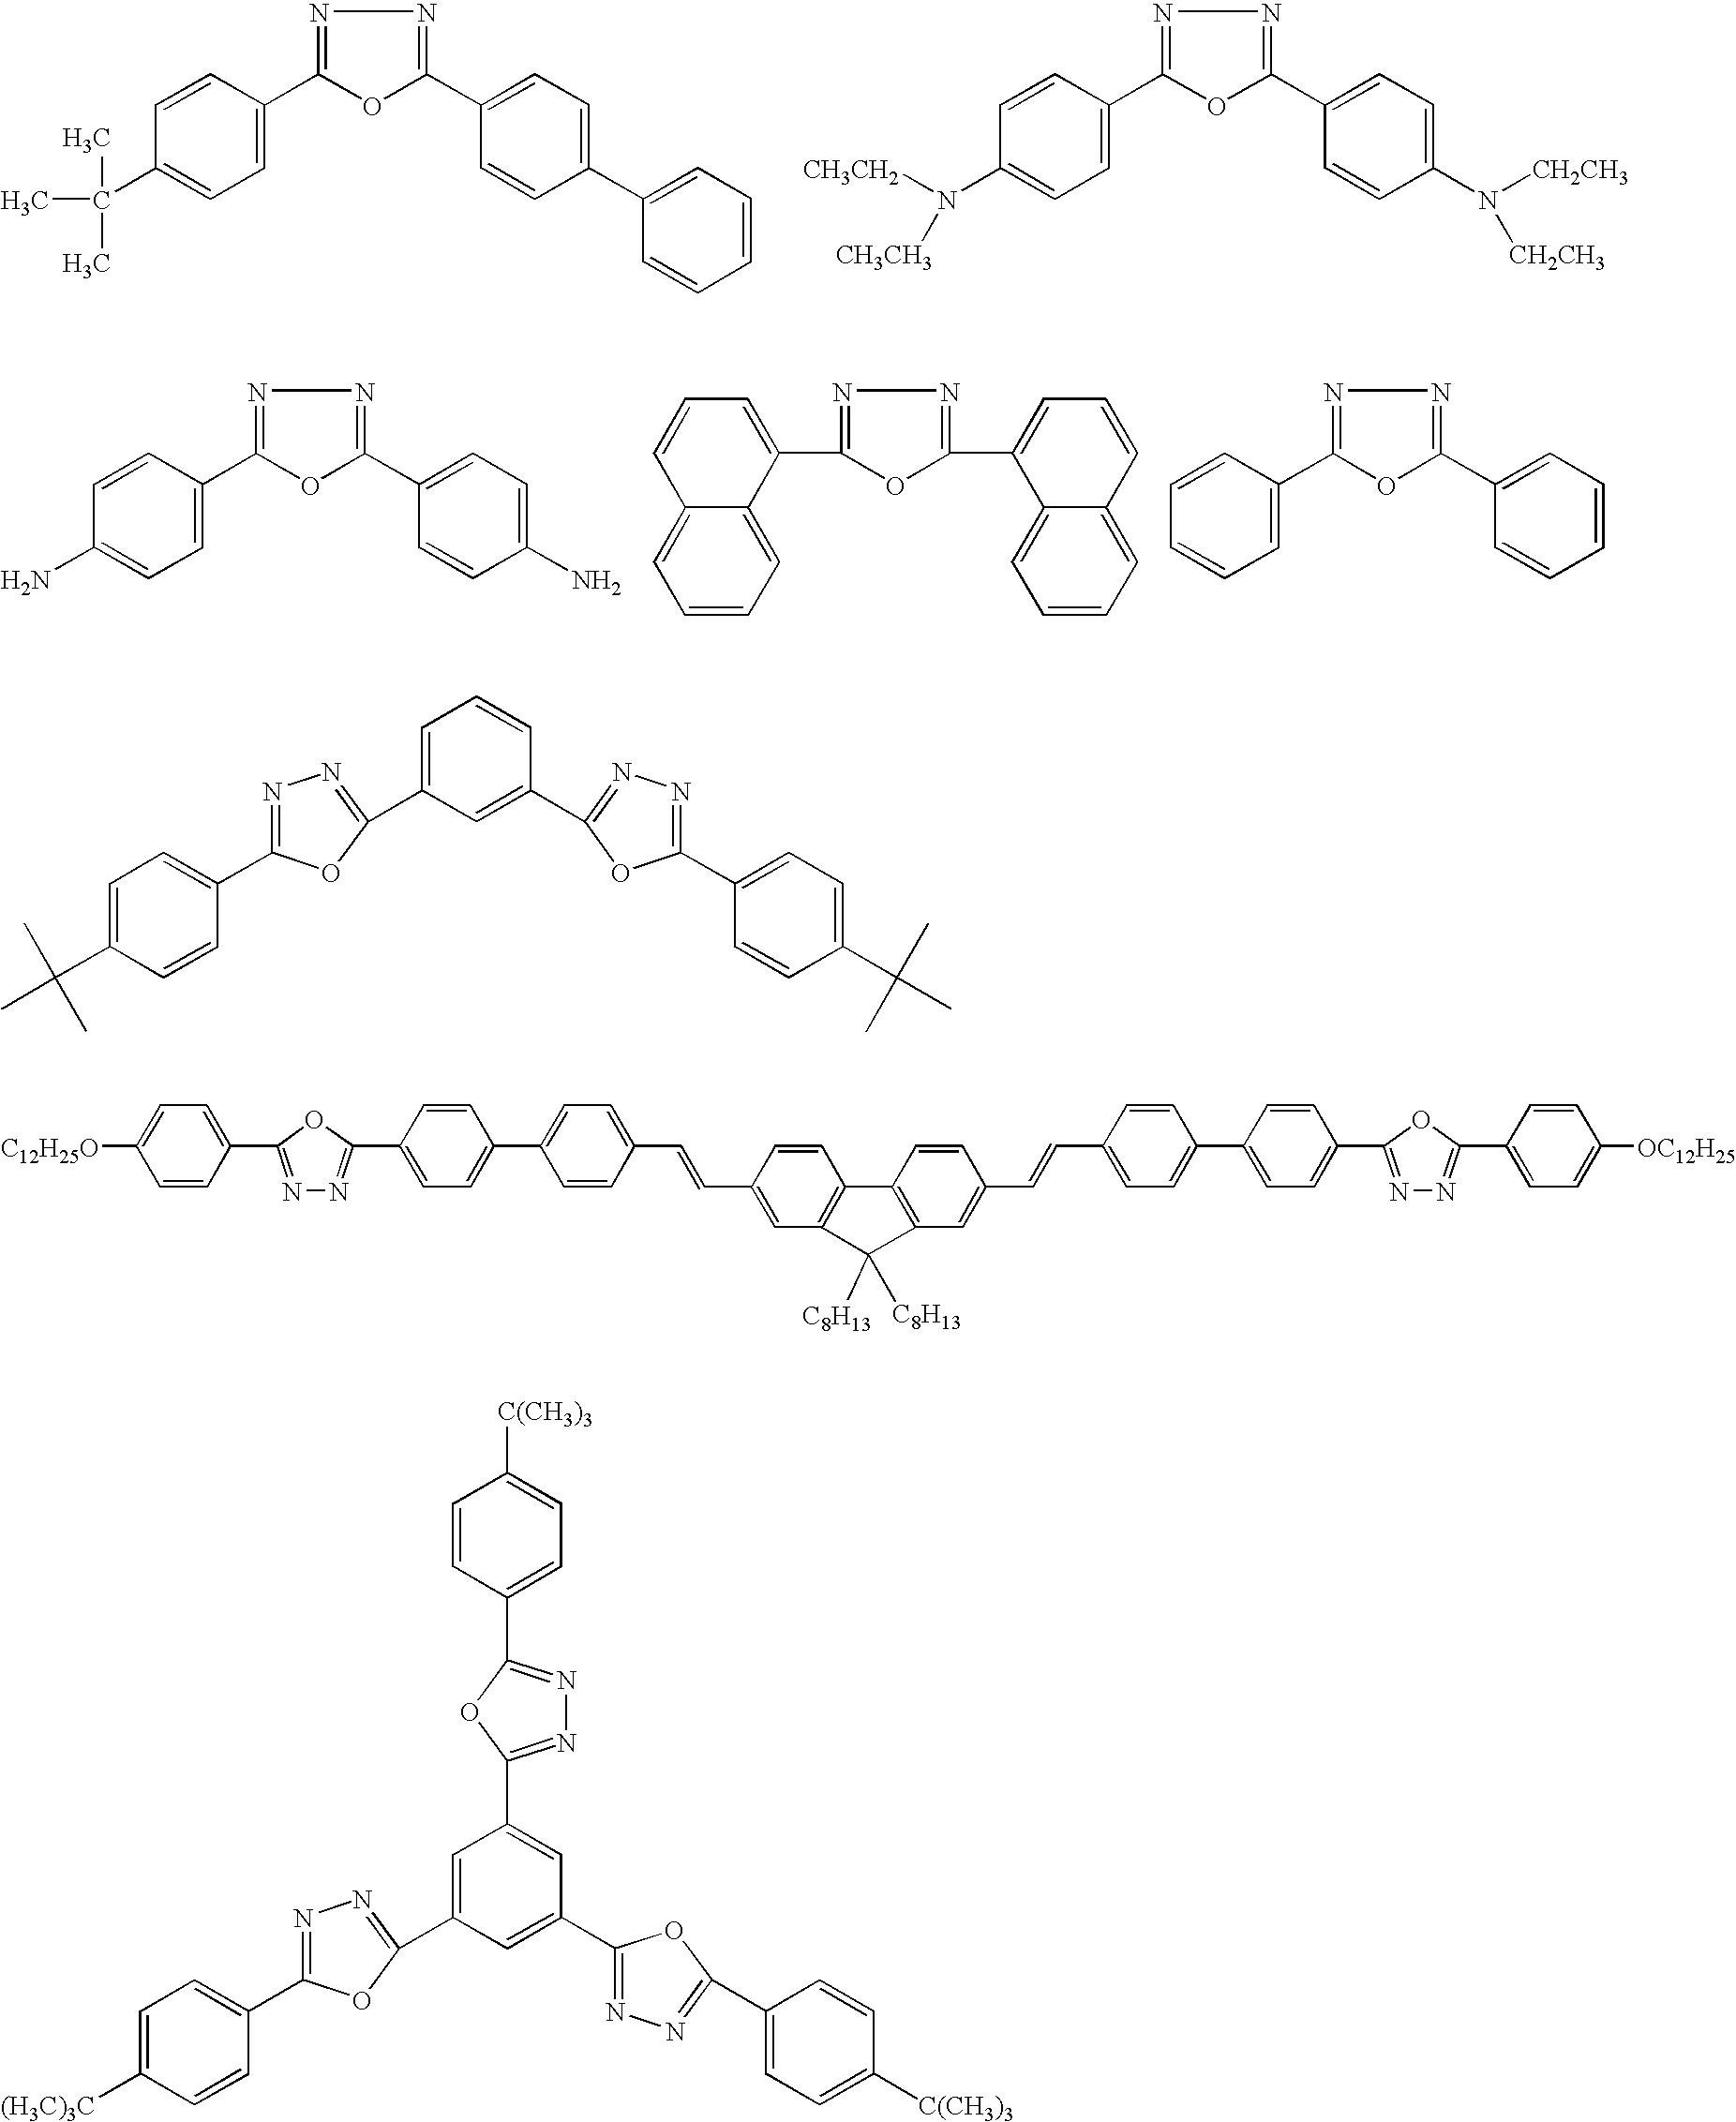 Figure US20090246664A1-20091001-C00027